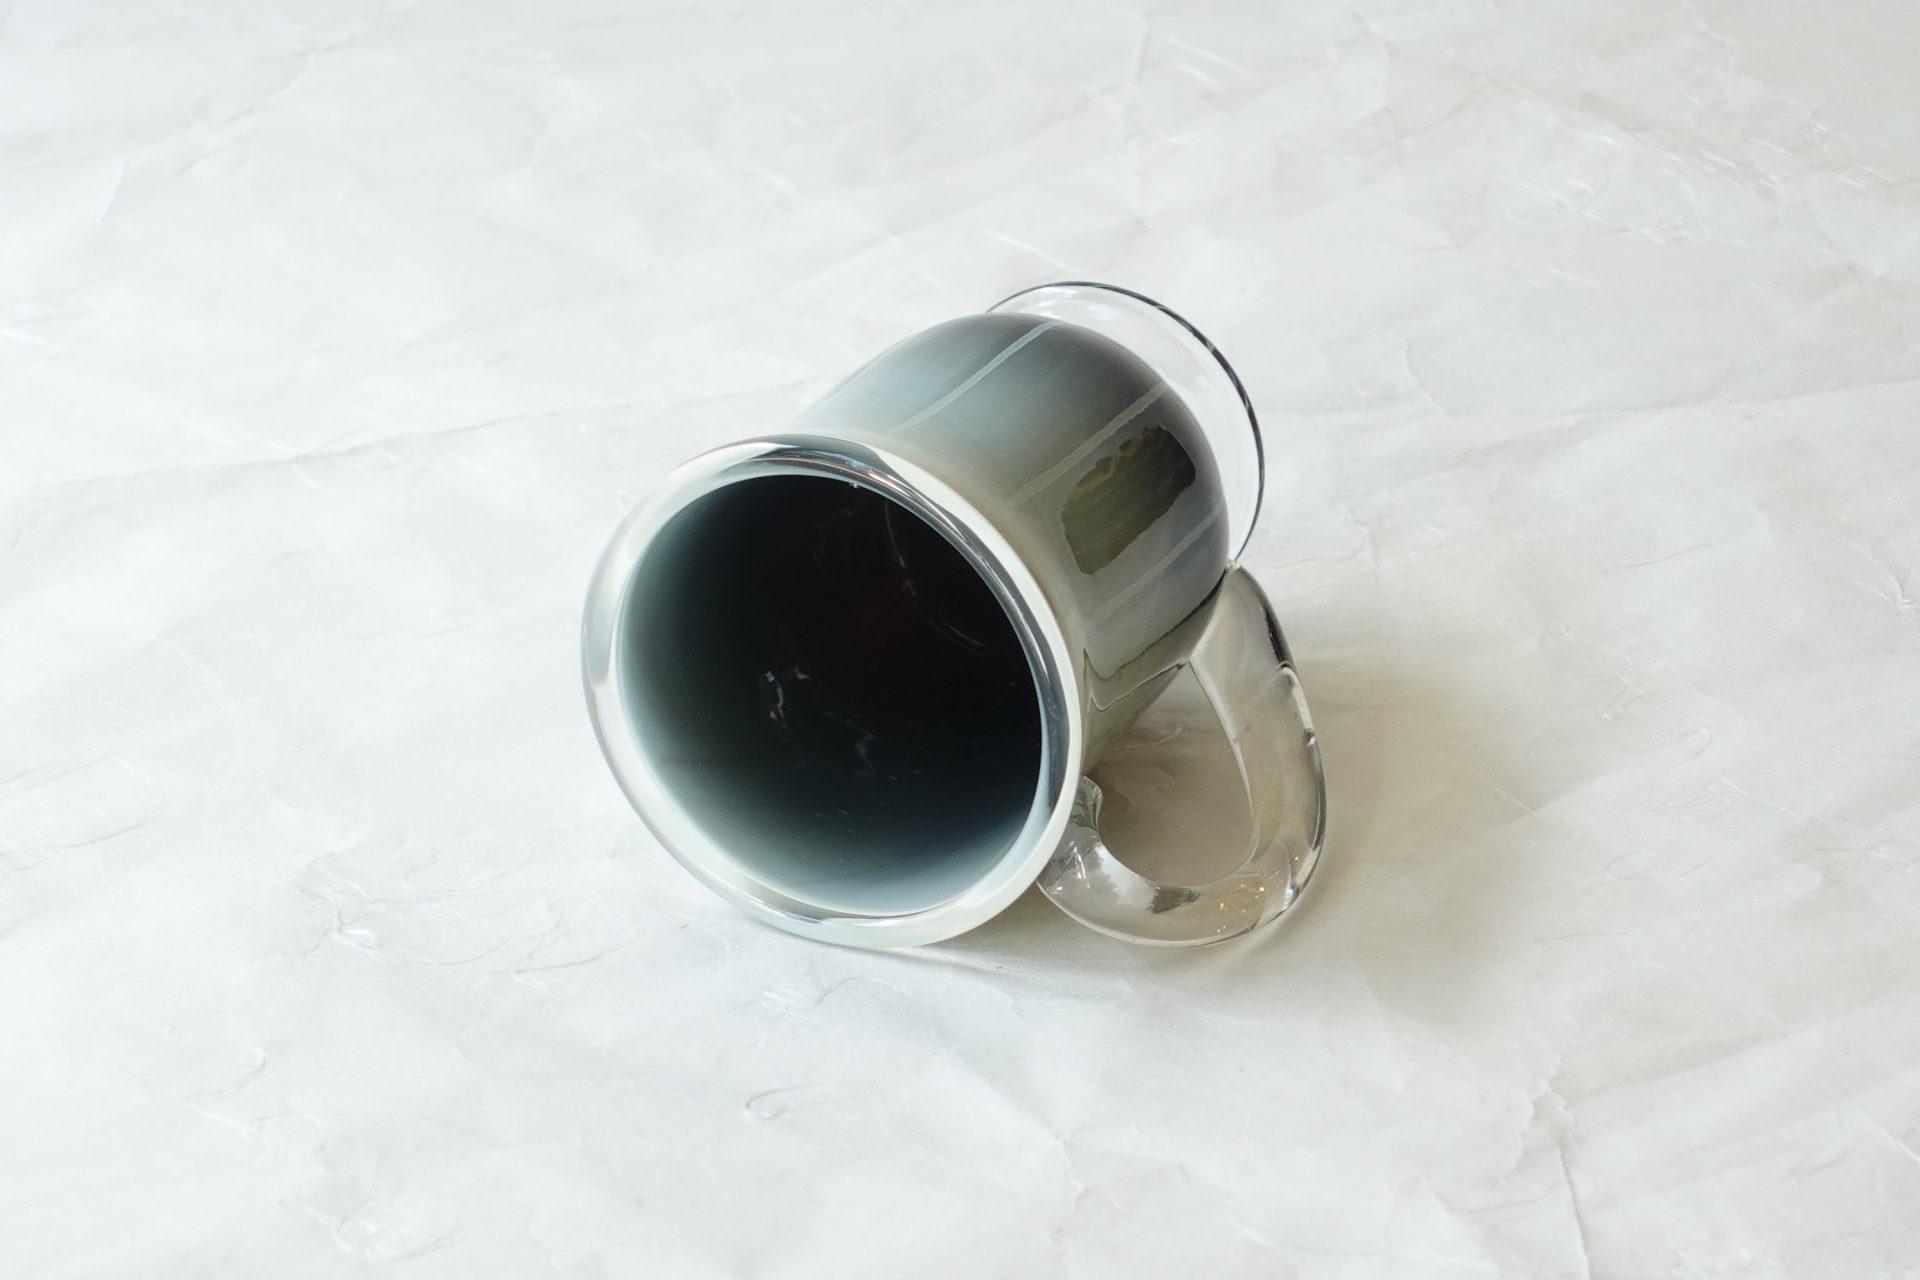 日本製 手づくり 耐熱ガラス マグカップ 窯変 神秘的 職人の技術 経験 美しい色彩 模様 グラデーション 芸術 握りやすい 飲みやすい 安定している 使いやすい 硬い 欠けにくい